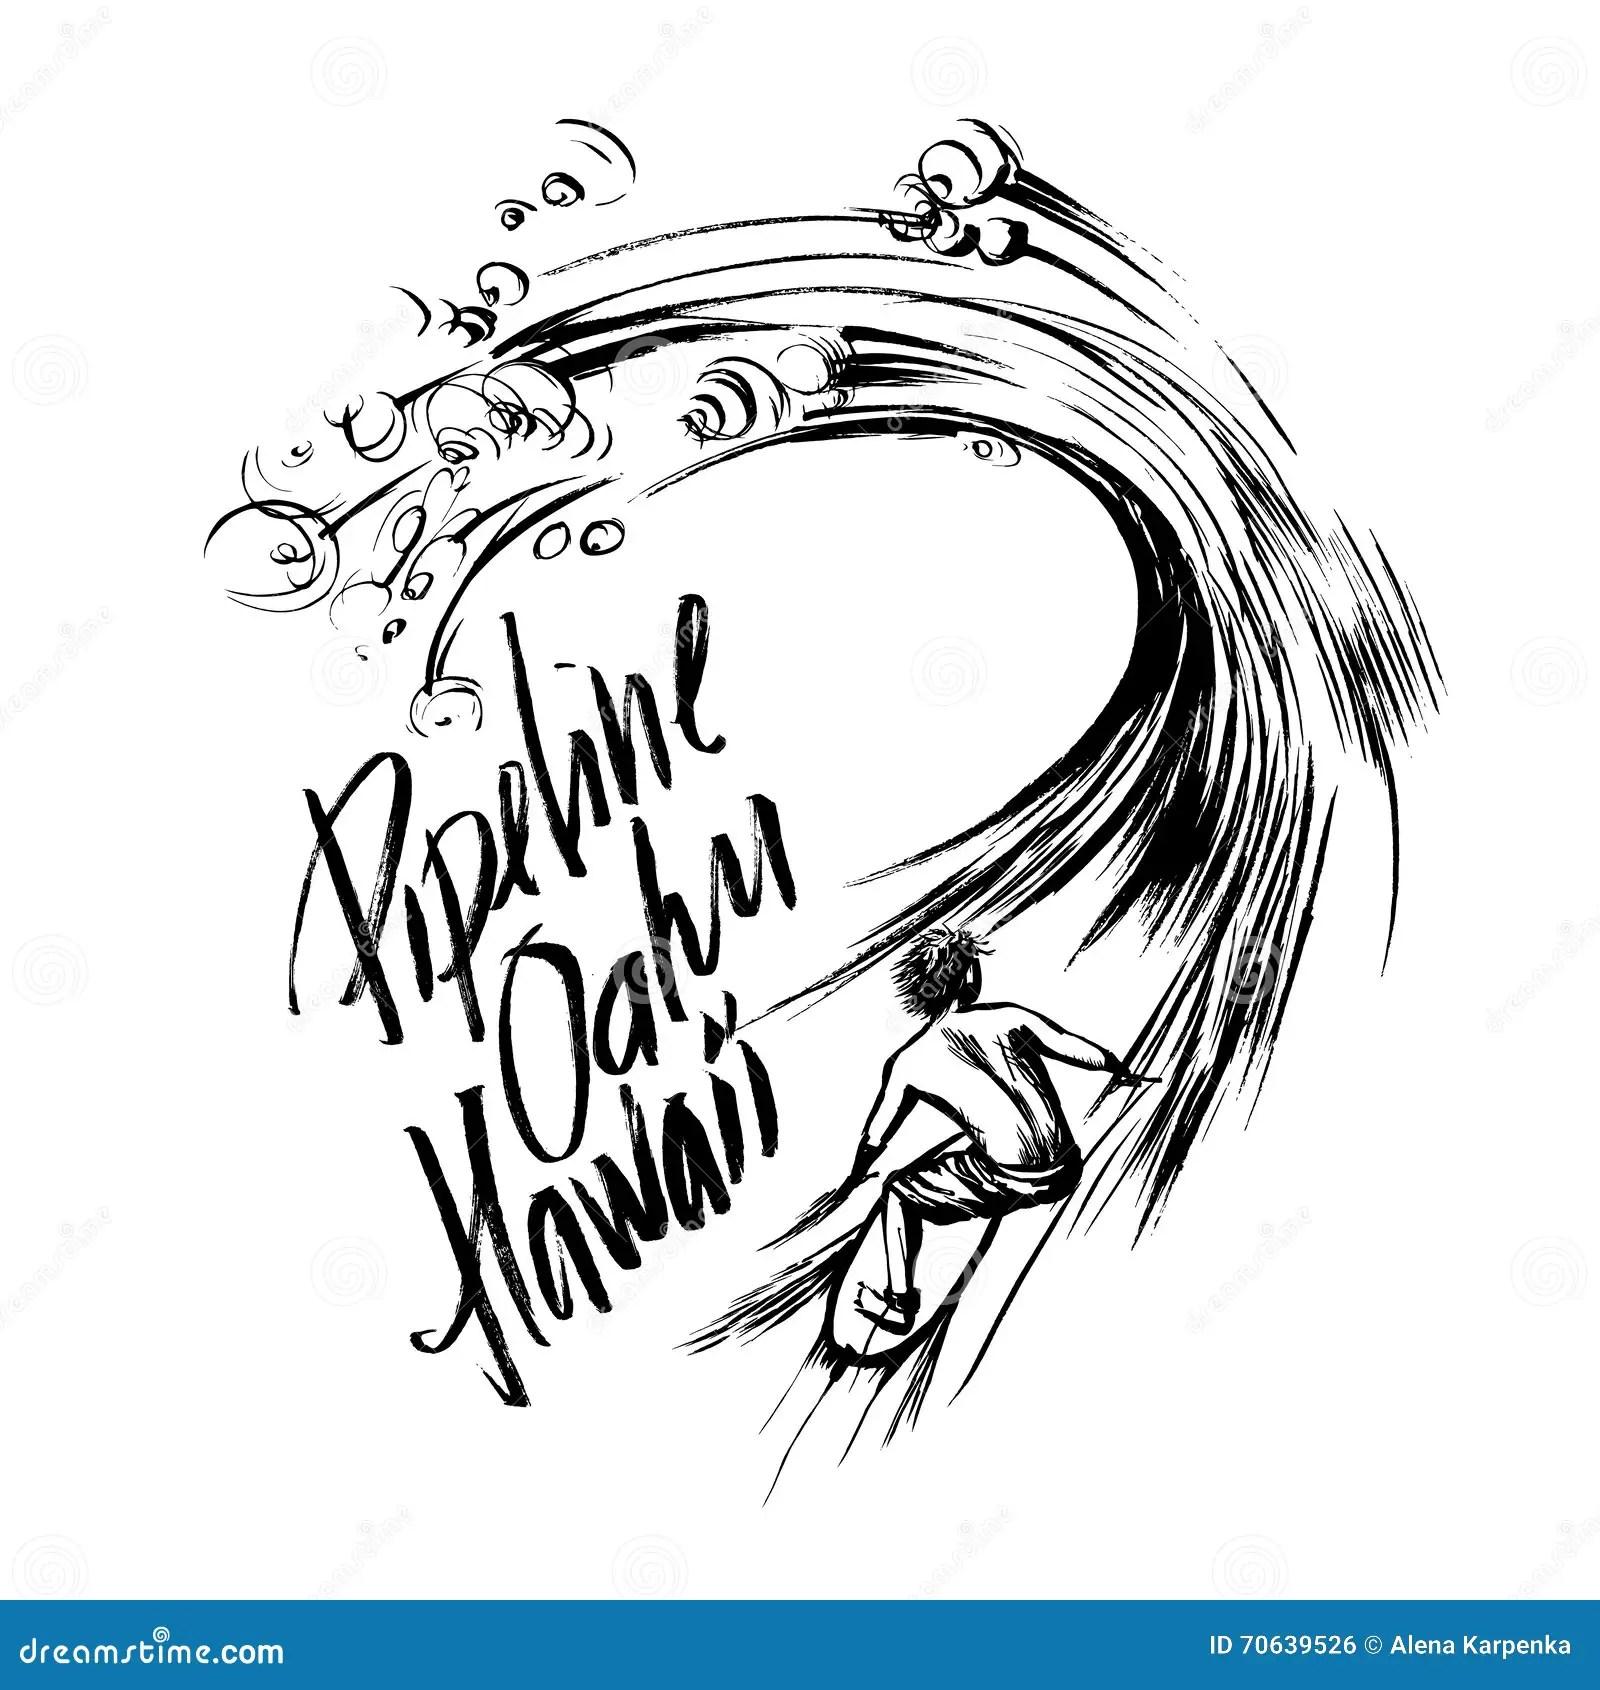 Pipeline Oahu Hawaii Lettering Brush Ink Sketch Handdrawn